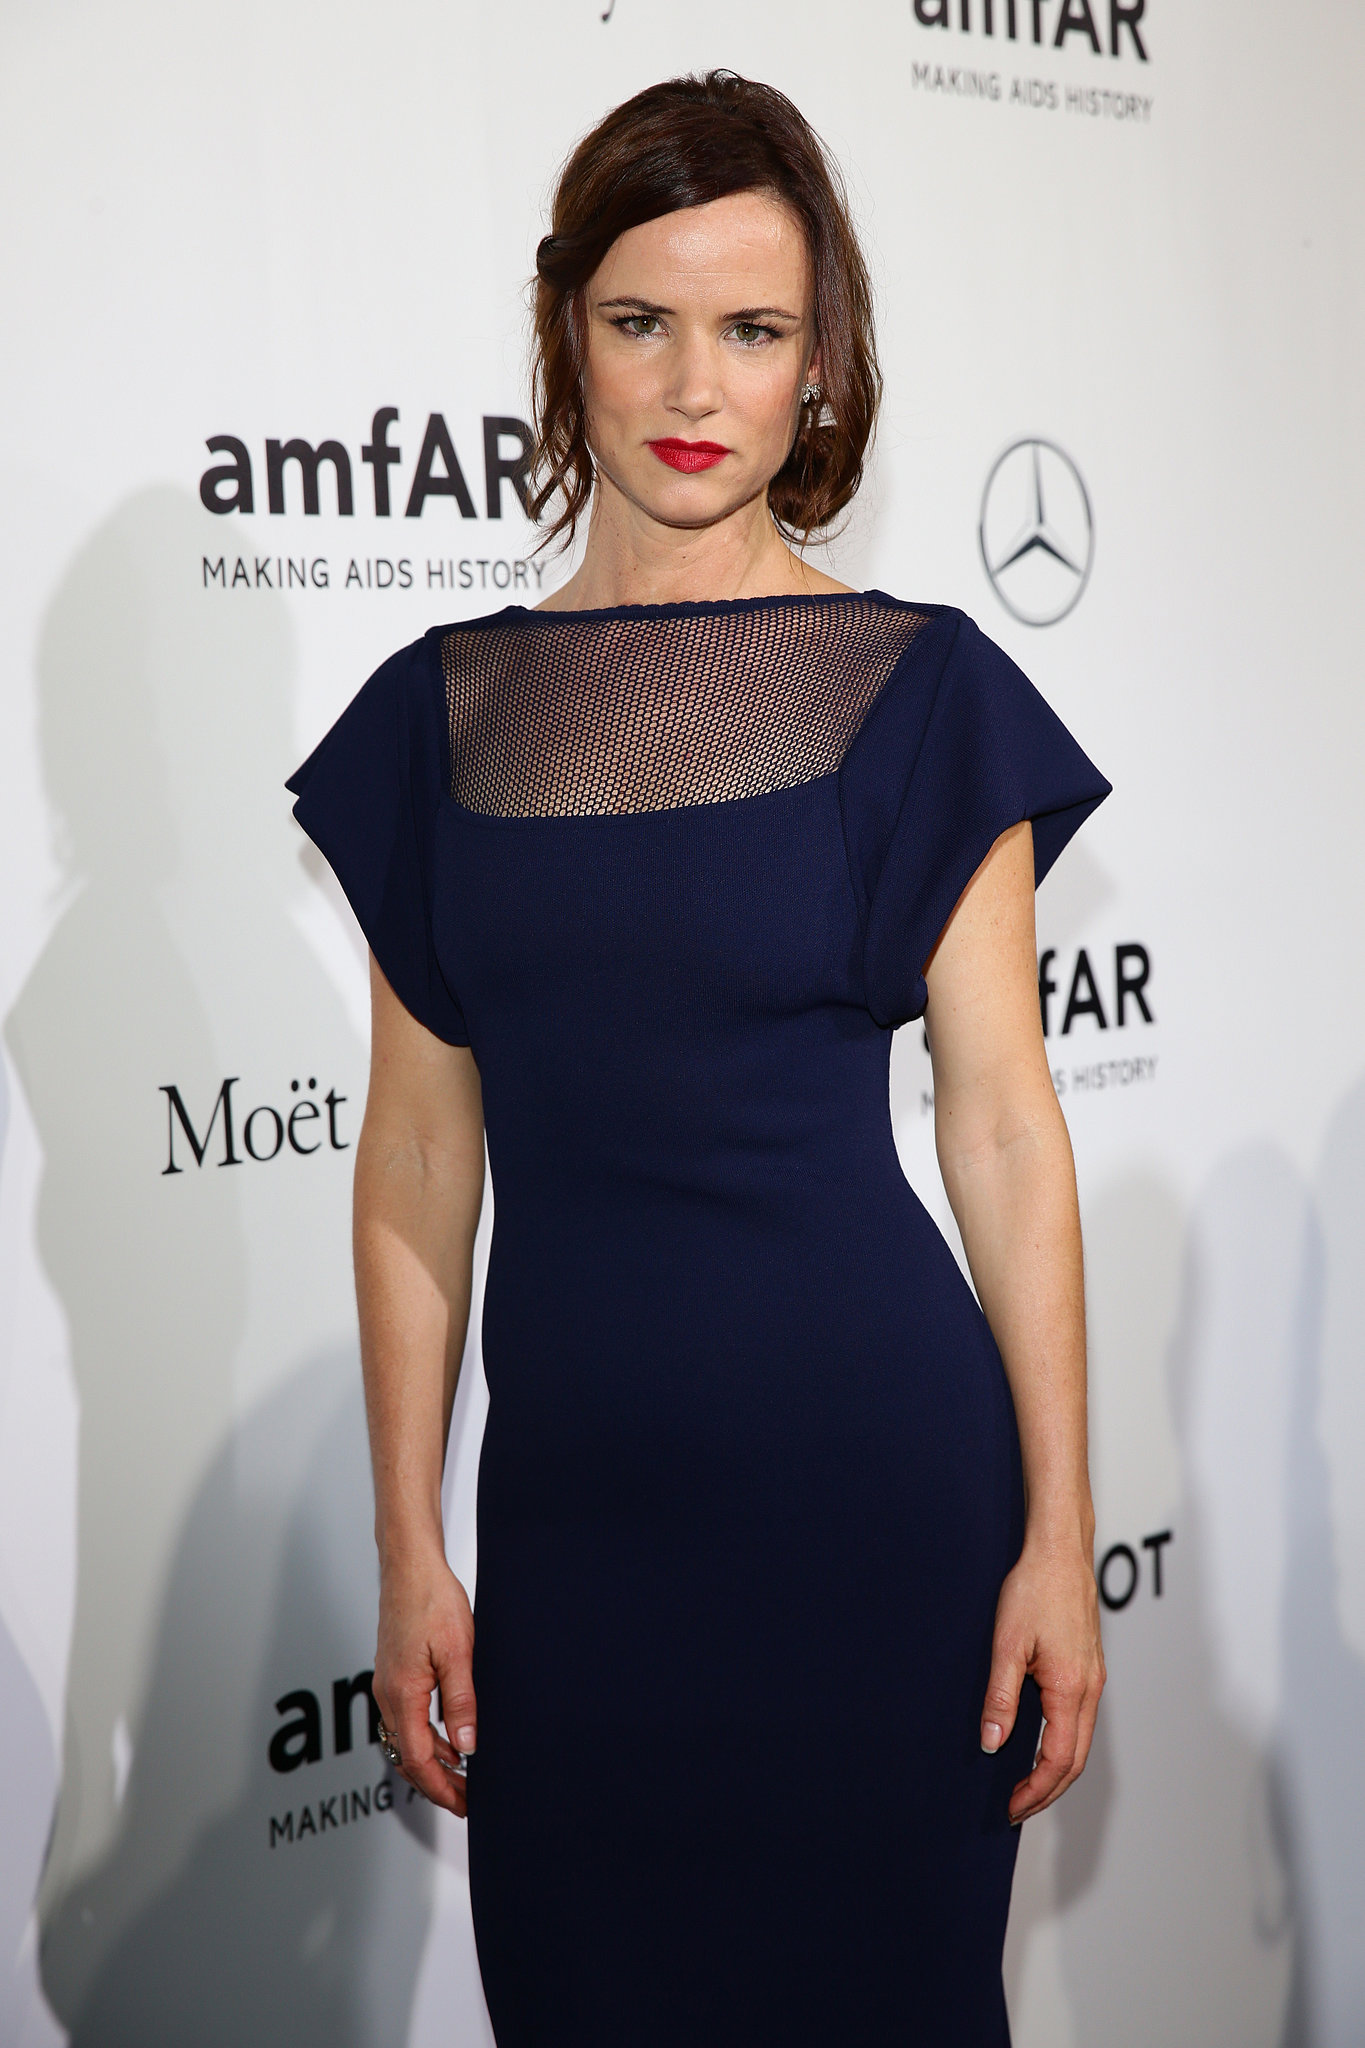 Juliette Lewis at the amfAR Milano Gala.